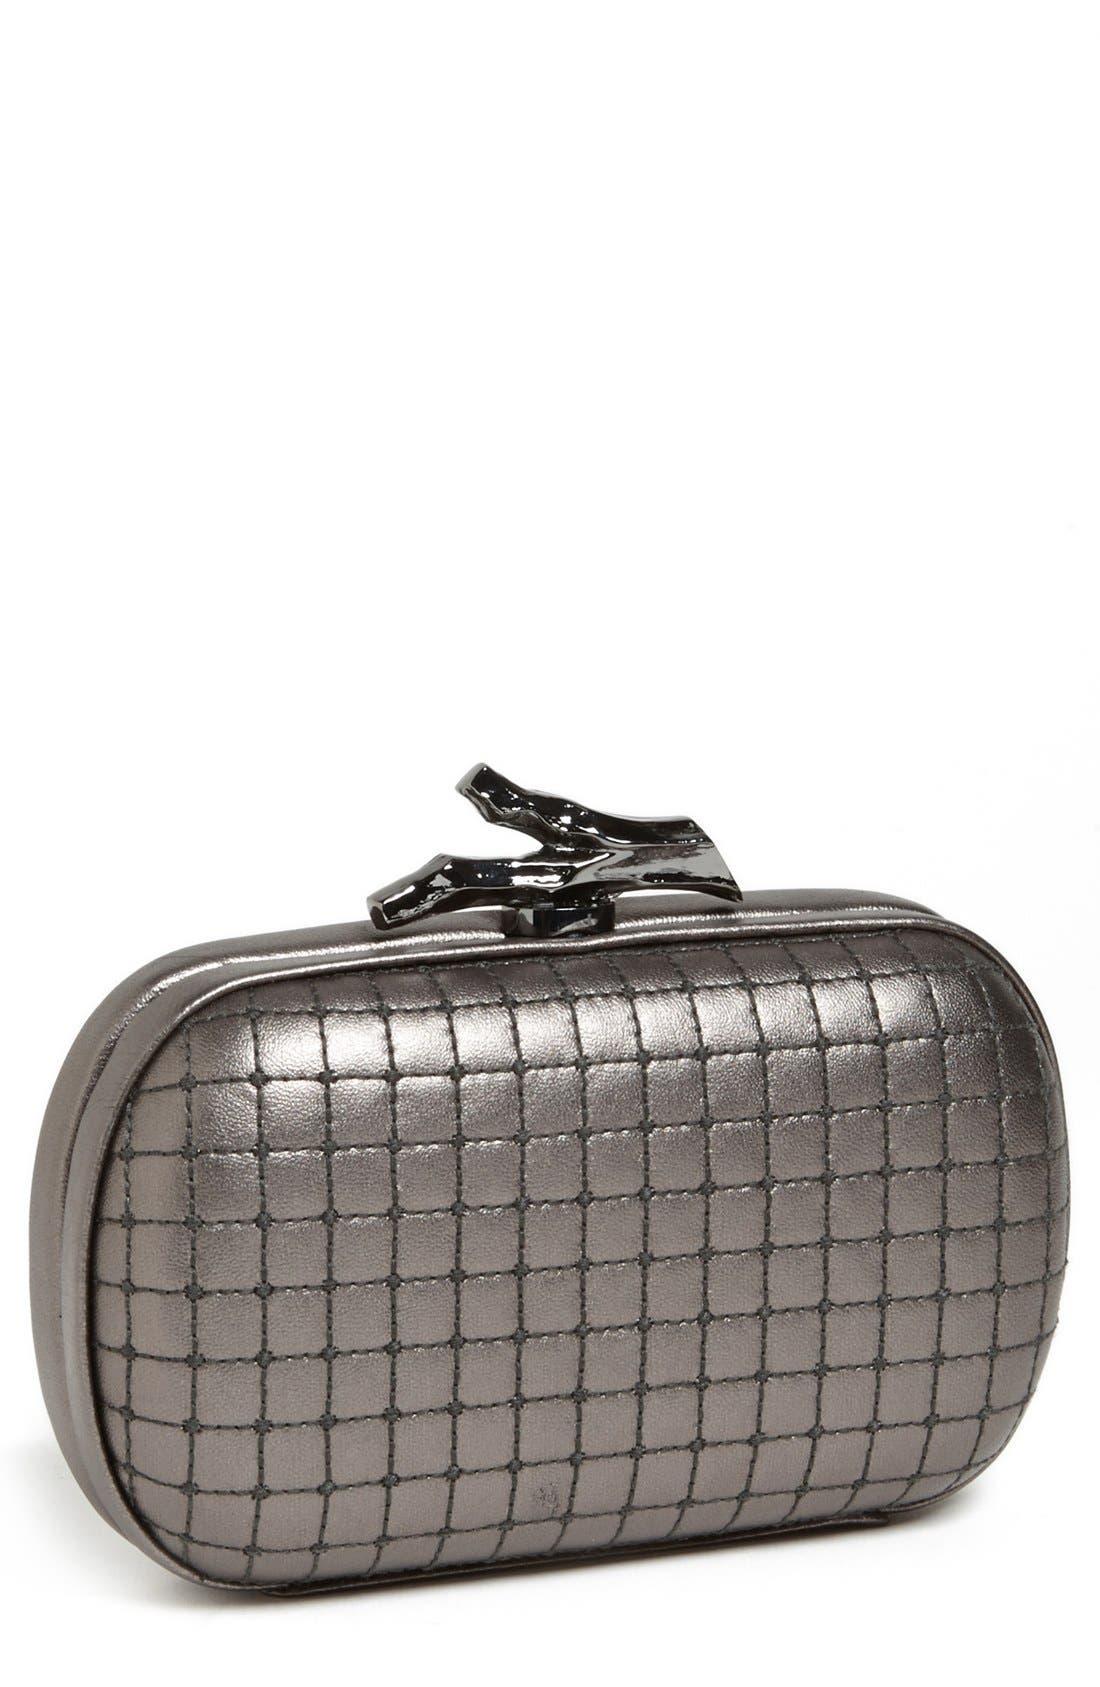 Main Image - Diane von Furstenberg 'Lytton - Small' Quilted Metallic Leather Clutch